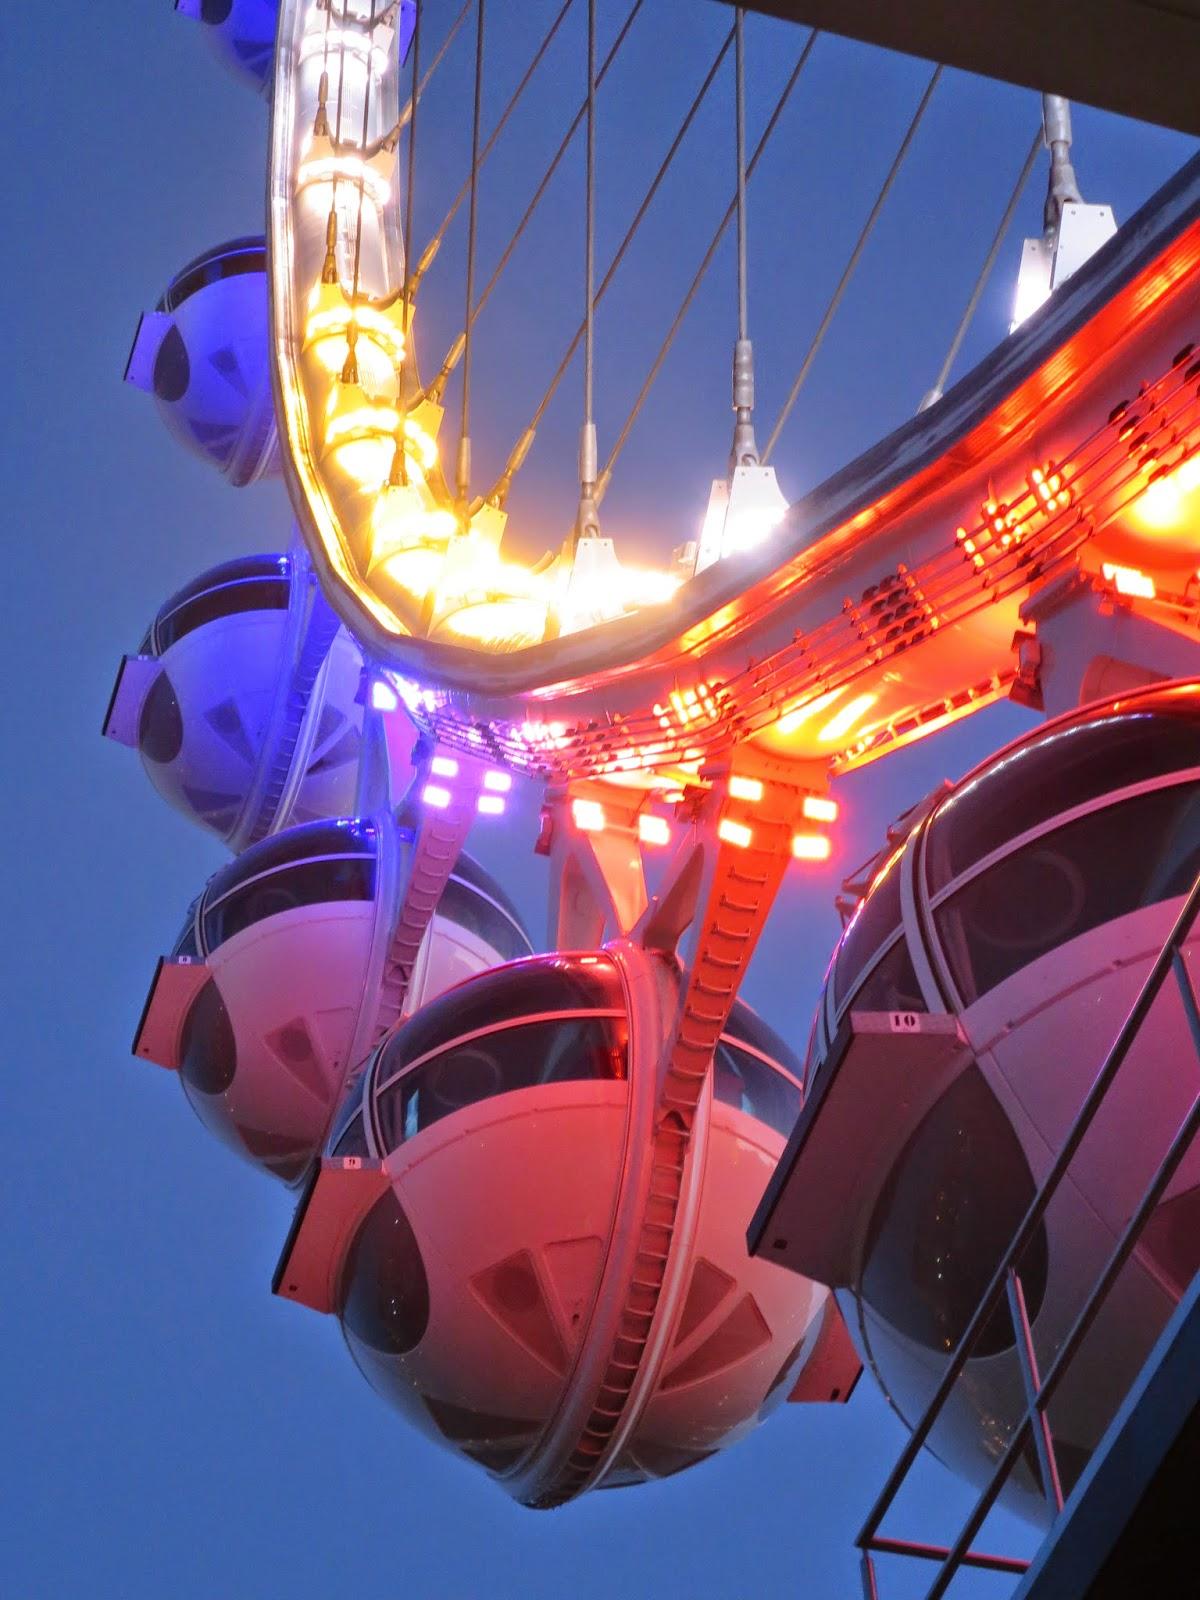 http://en.wikipedia.org/wiki/High_Roller_(Ferris_wheel)